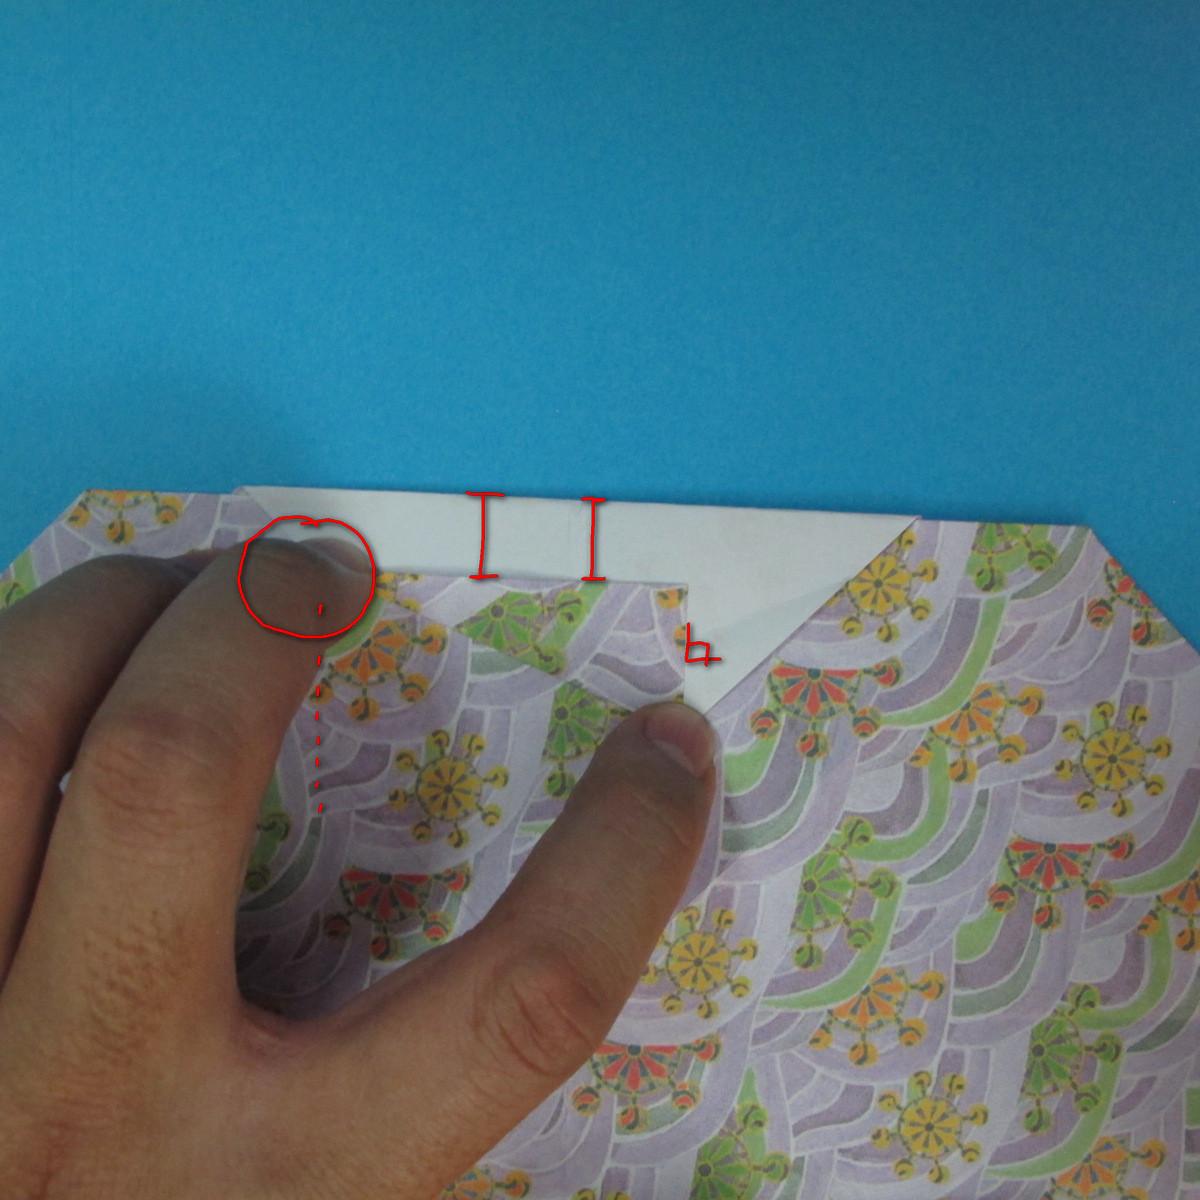 สอนวิธีพับกระดาษเป็นช้าง (แบบของ Fumiaki Kawahata) 027